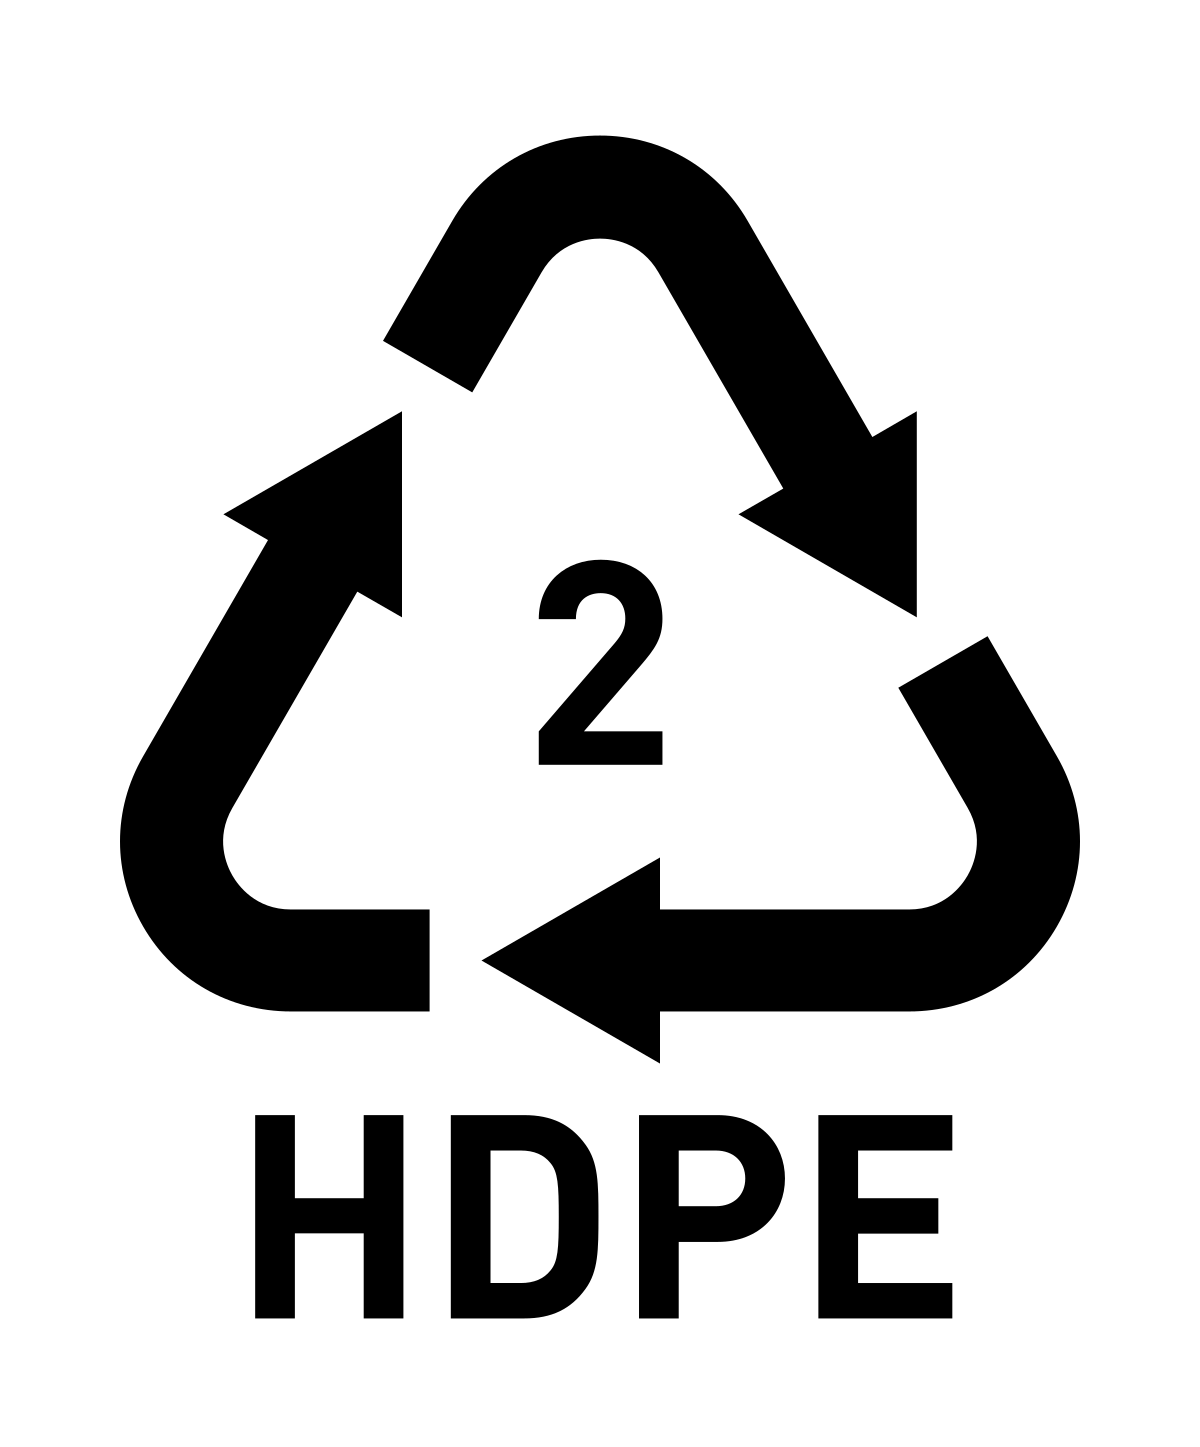 High-density polyethylene HDPE